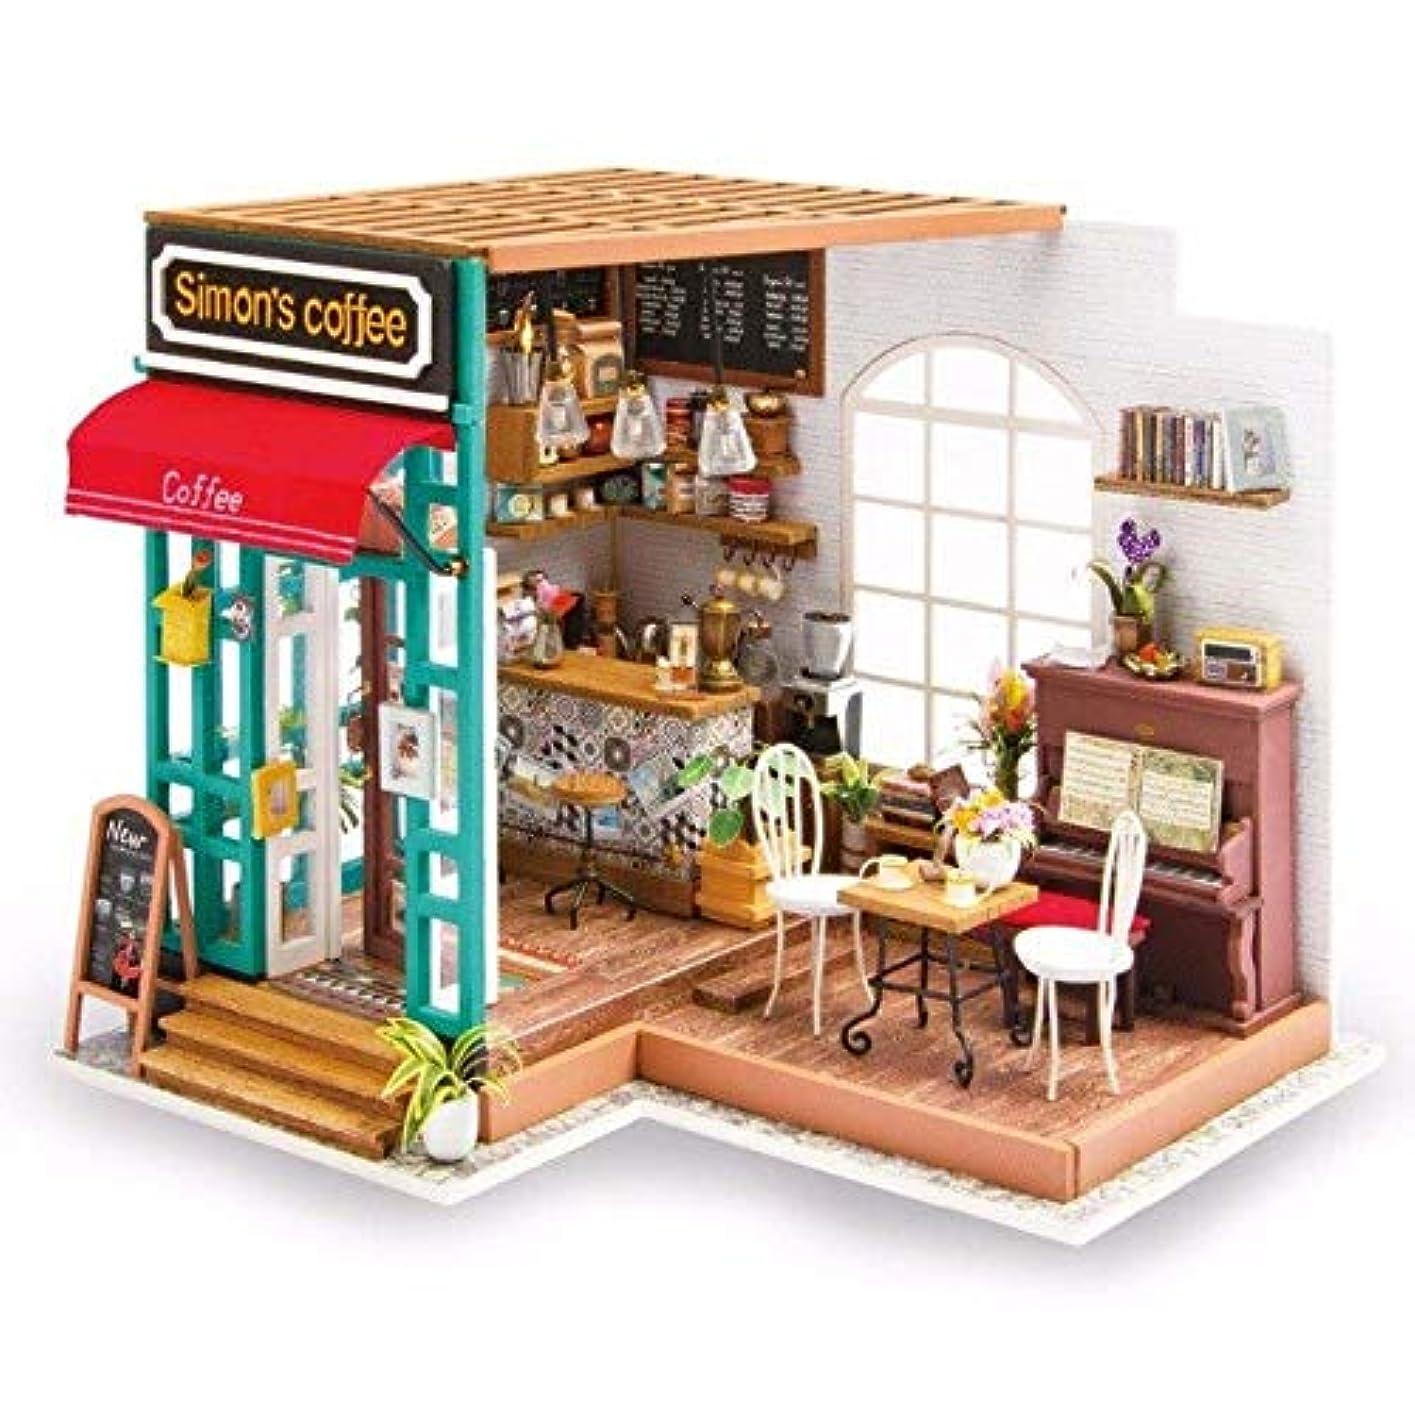 暴君毎回震えDORA⊕BRSDiyドールハウスミニチュアドールハウス家具木製のおもちゃ子供のためサイモンのコーヒーrobotimeDG109,DG109